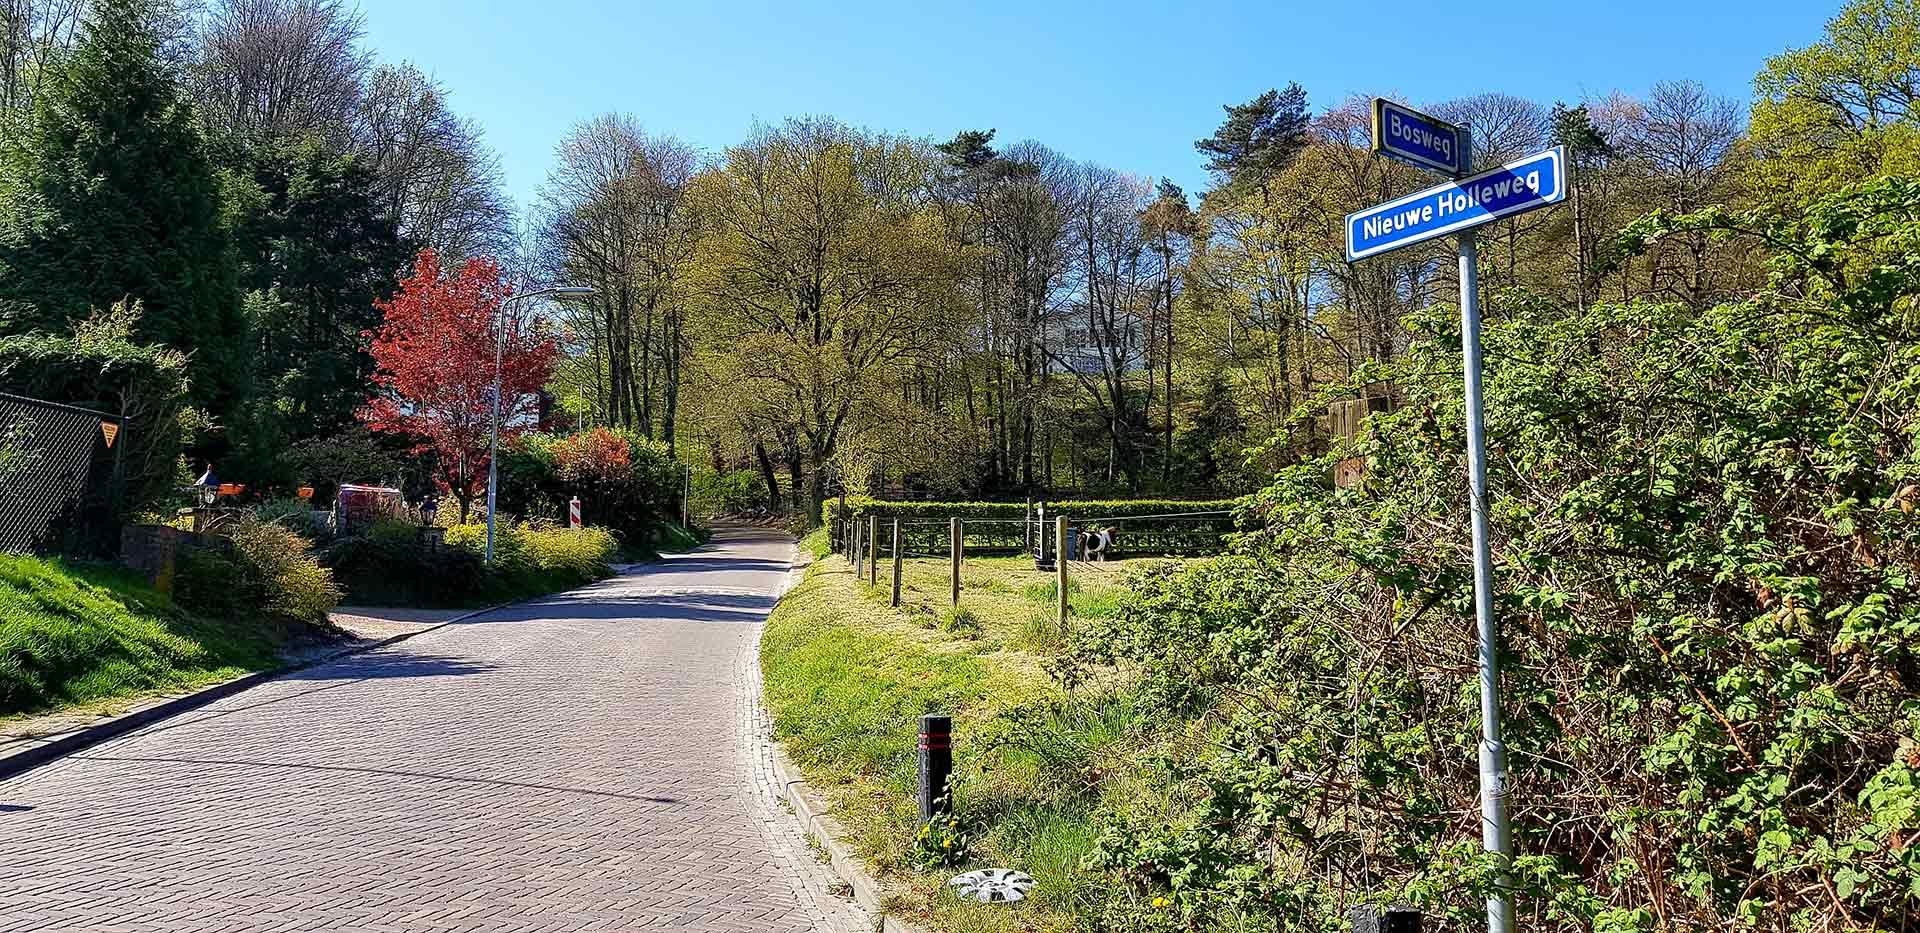 De Nieuwe Holleweg in Beek